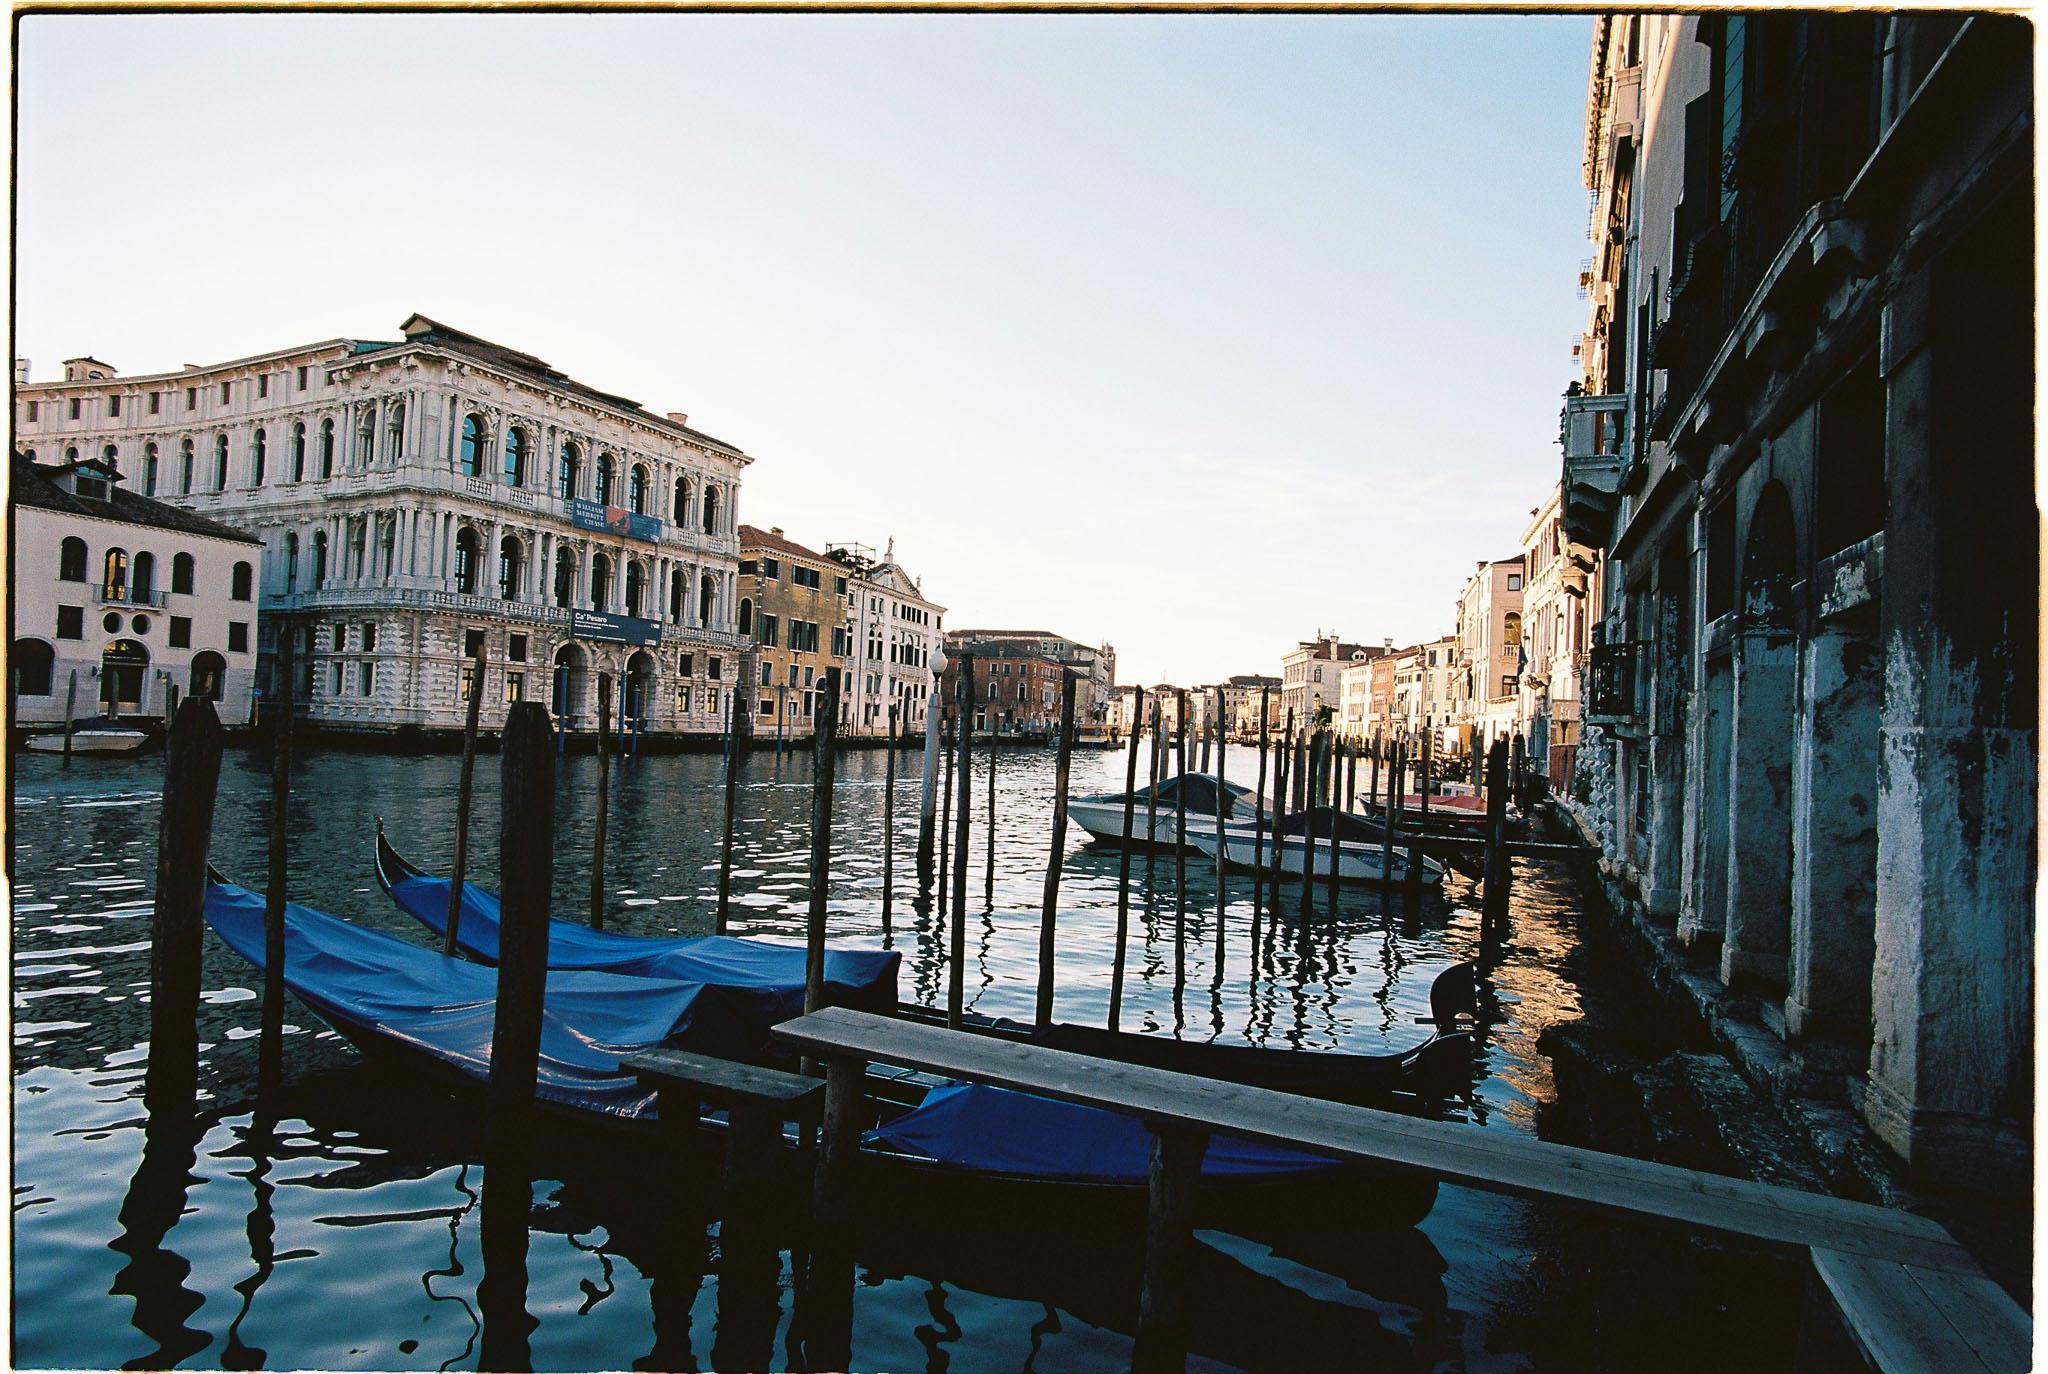 Venice canal - Kodak Ektar 100